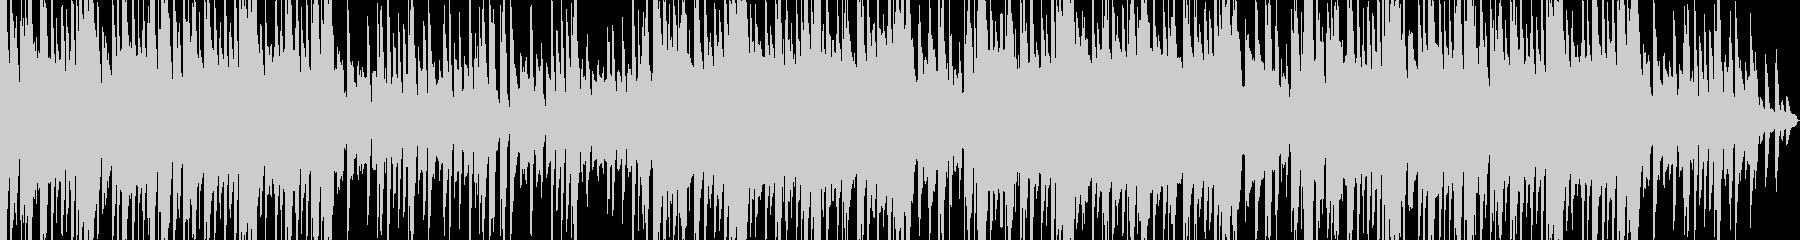 メロディックなポップ/ Drum'...の未再生の波形